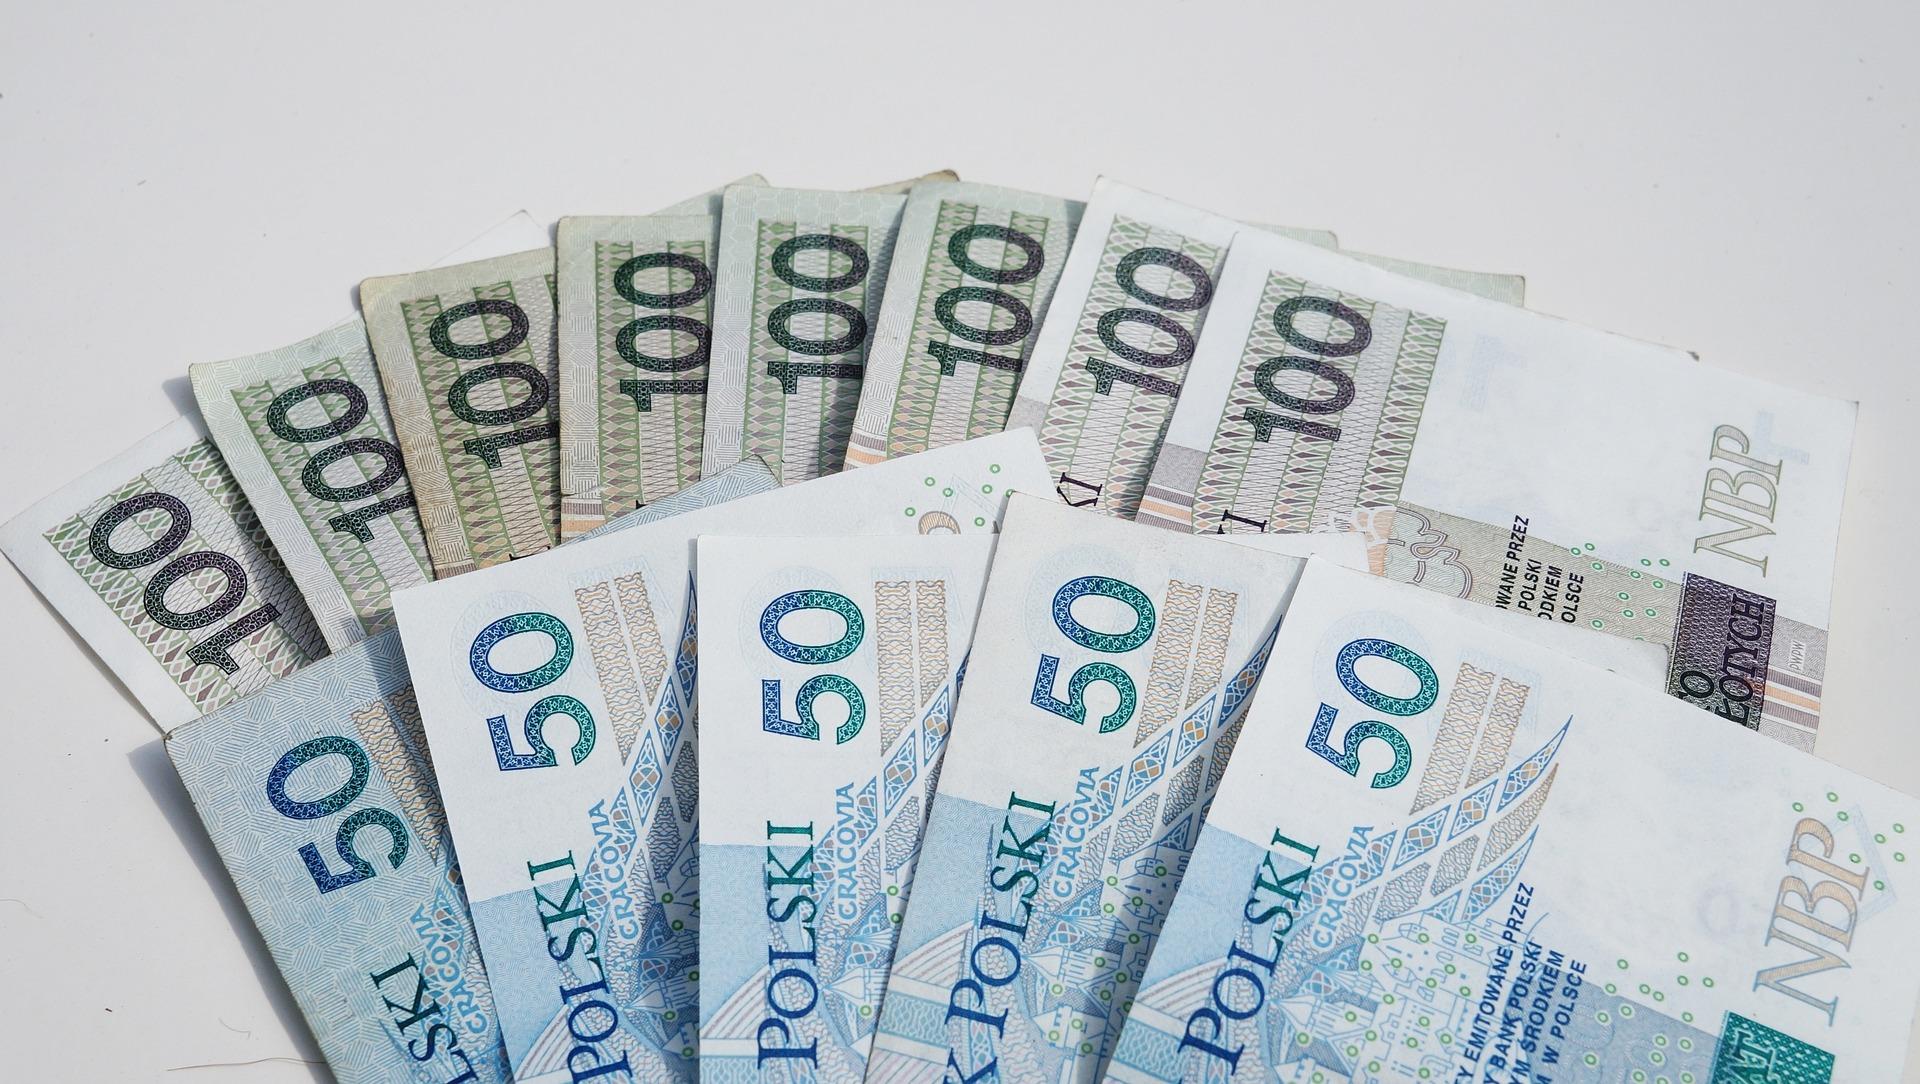 Najtańsze pożyczki gotówkowe - gdzie szukać?